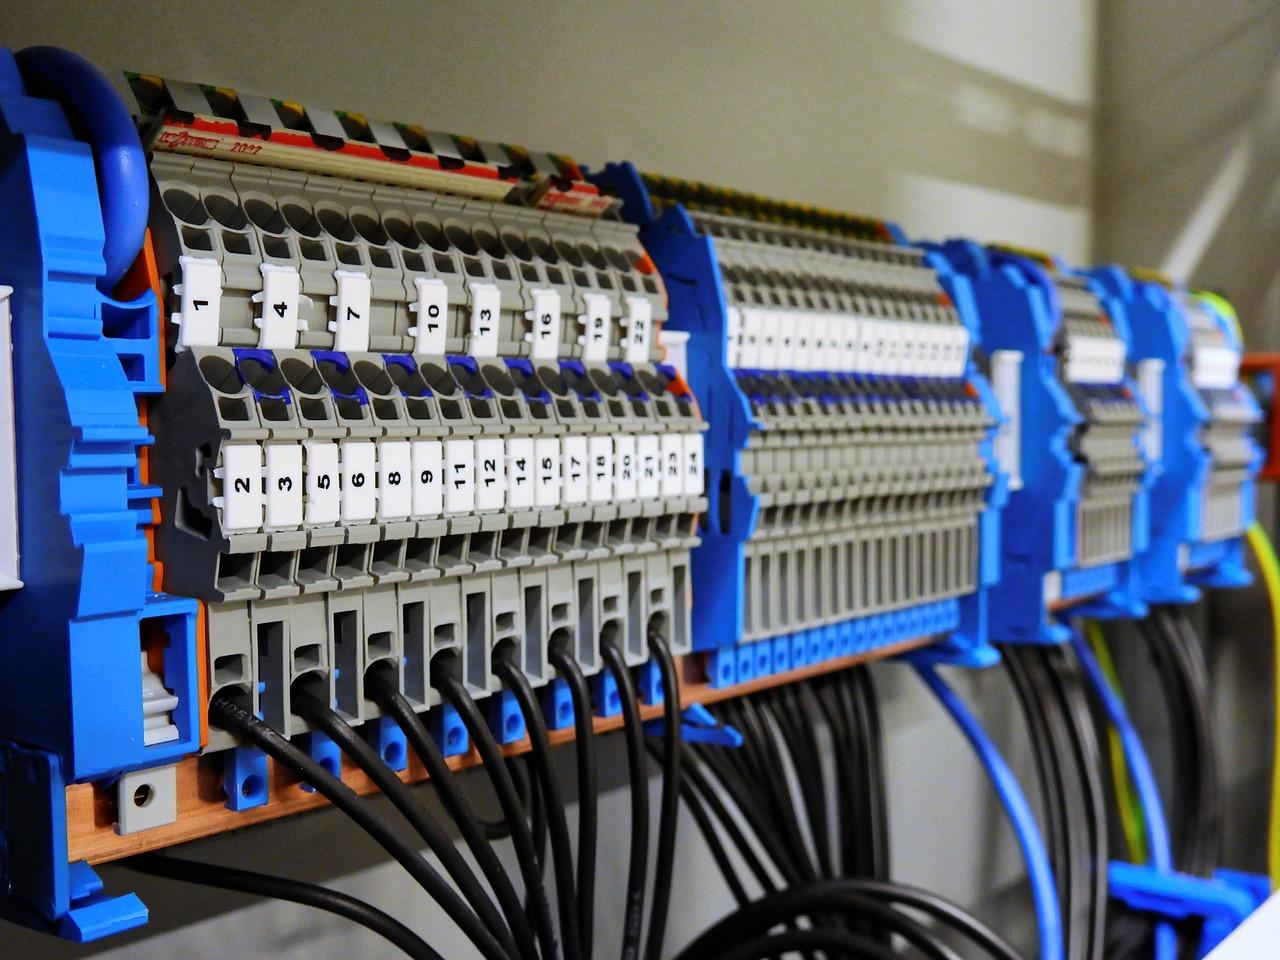 Obudowy urządzeń elektronicznych